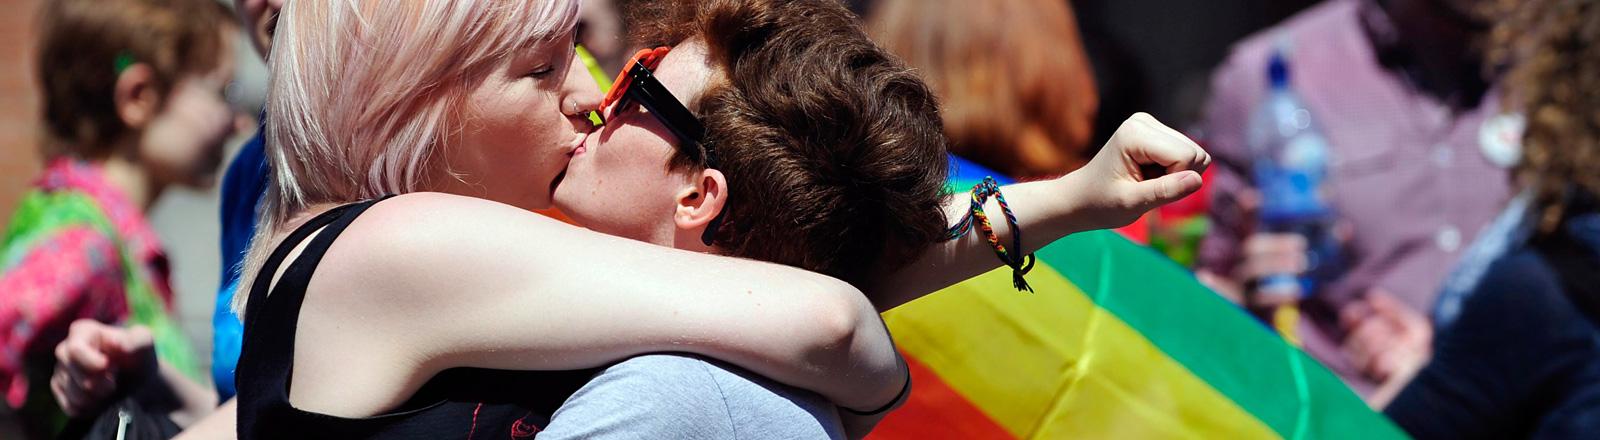 Zwei sich küssende Frauen